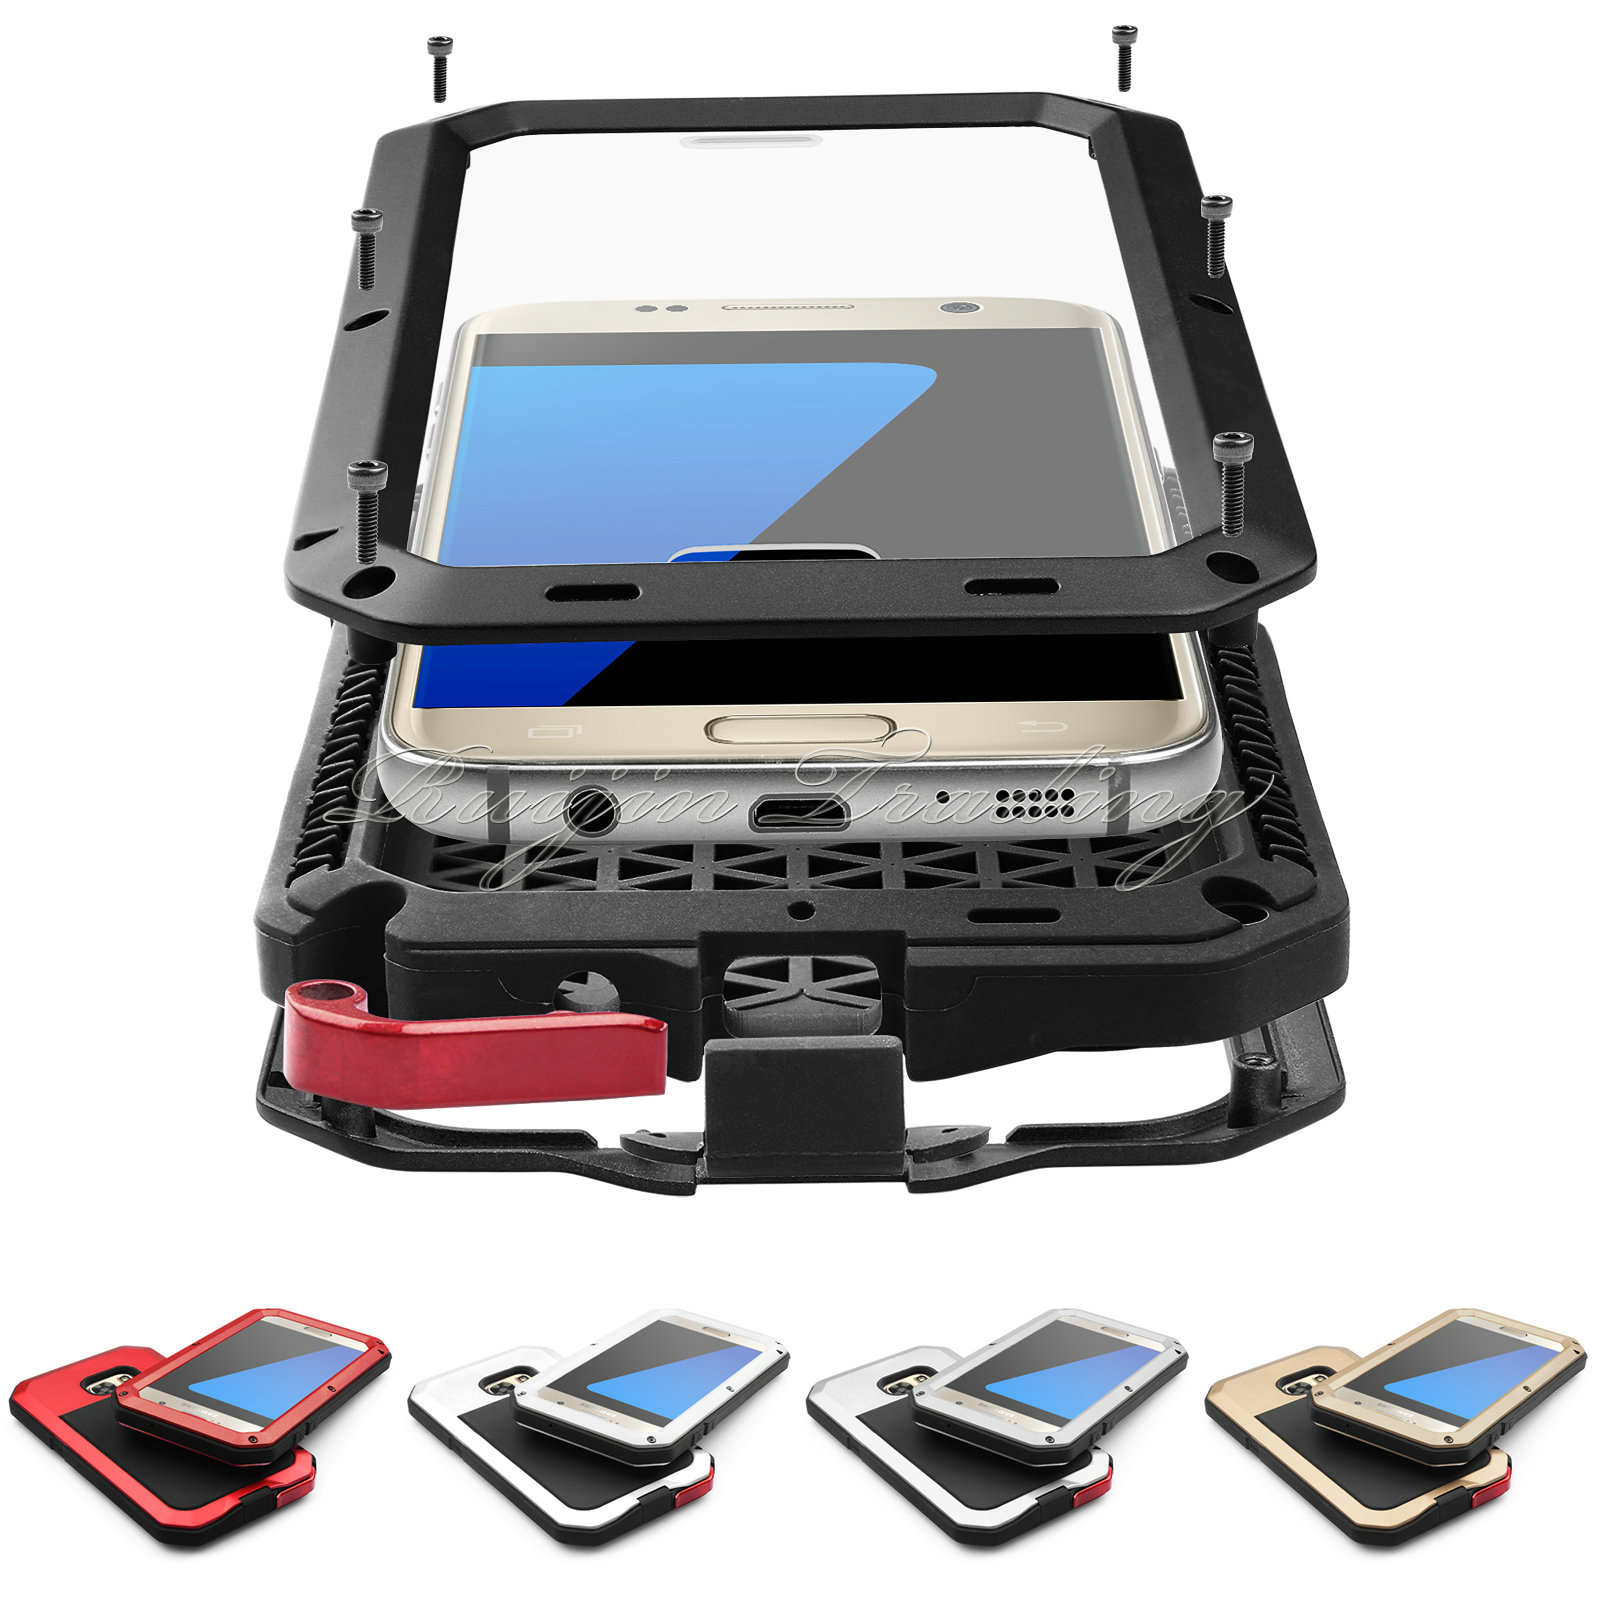 bilder für IPX3 Fall Für Samsung Galaxy S4 S5 S6 S7 kante Hinweis 4 5 Stoßfest Wasserdicht Power Aluminium Gorilla Glas Schützen-abdeckung